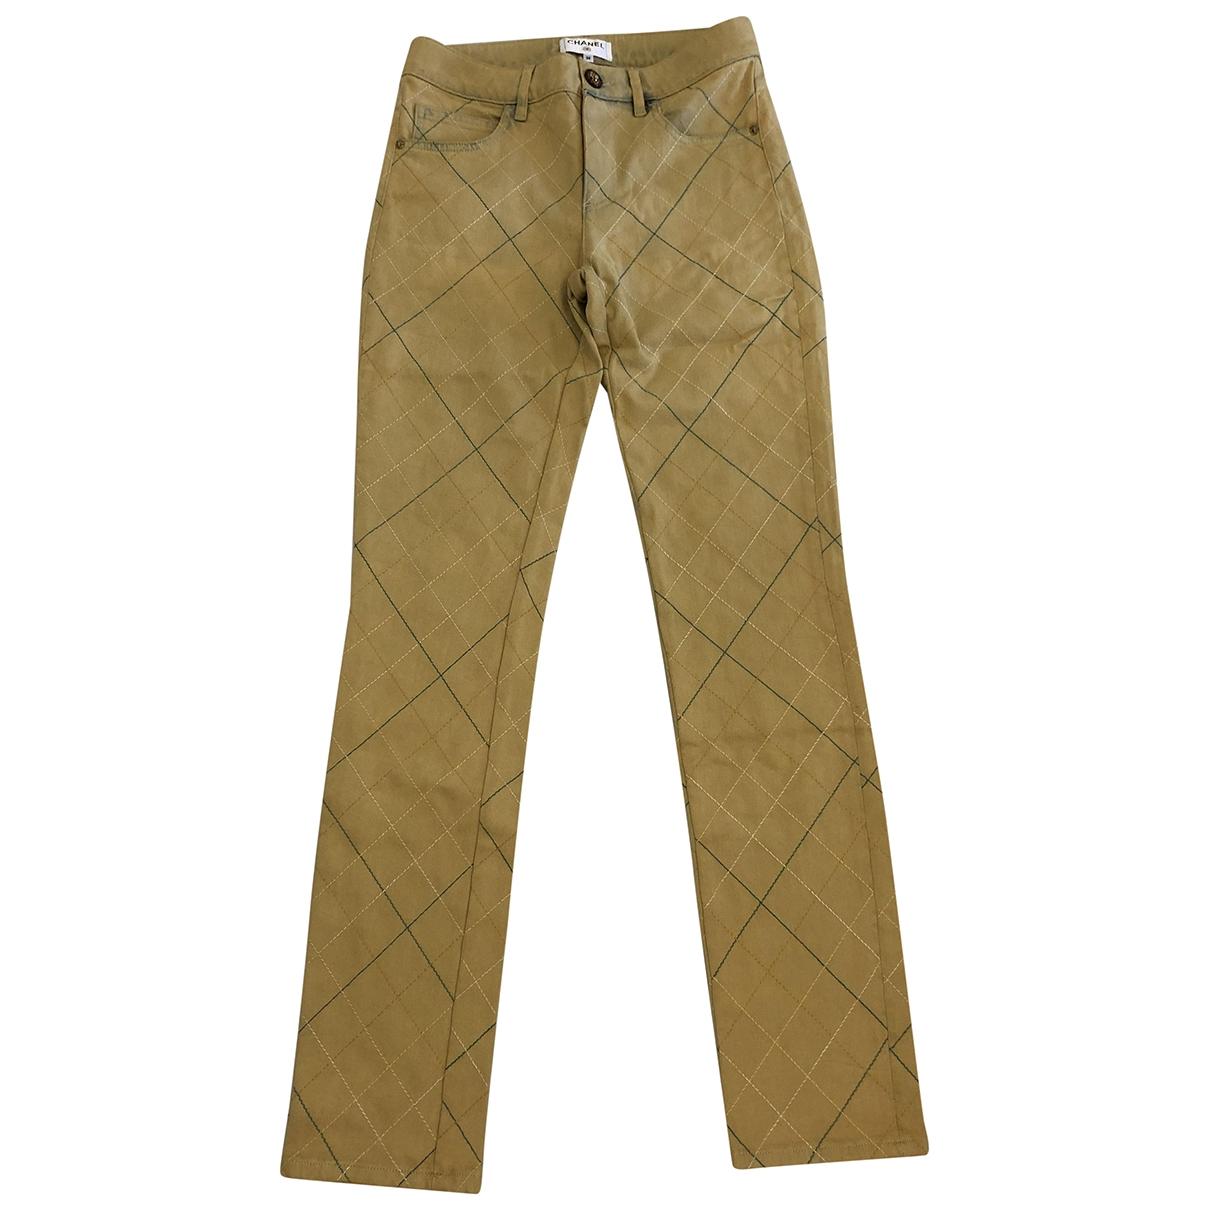 Chanel \N Ecru Denim - Jeans Jeans for Women 36 FR